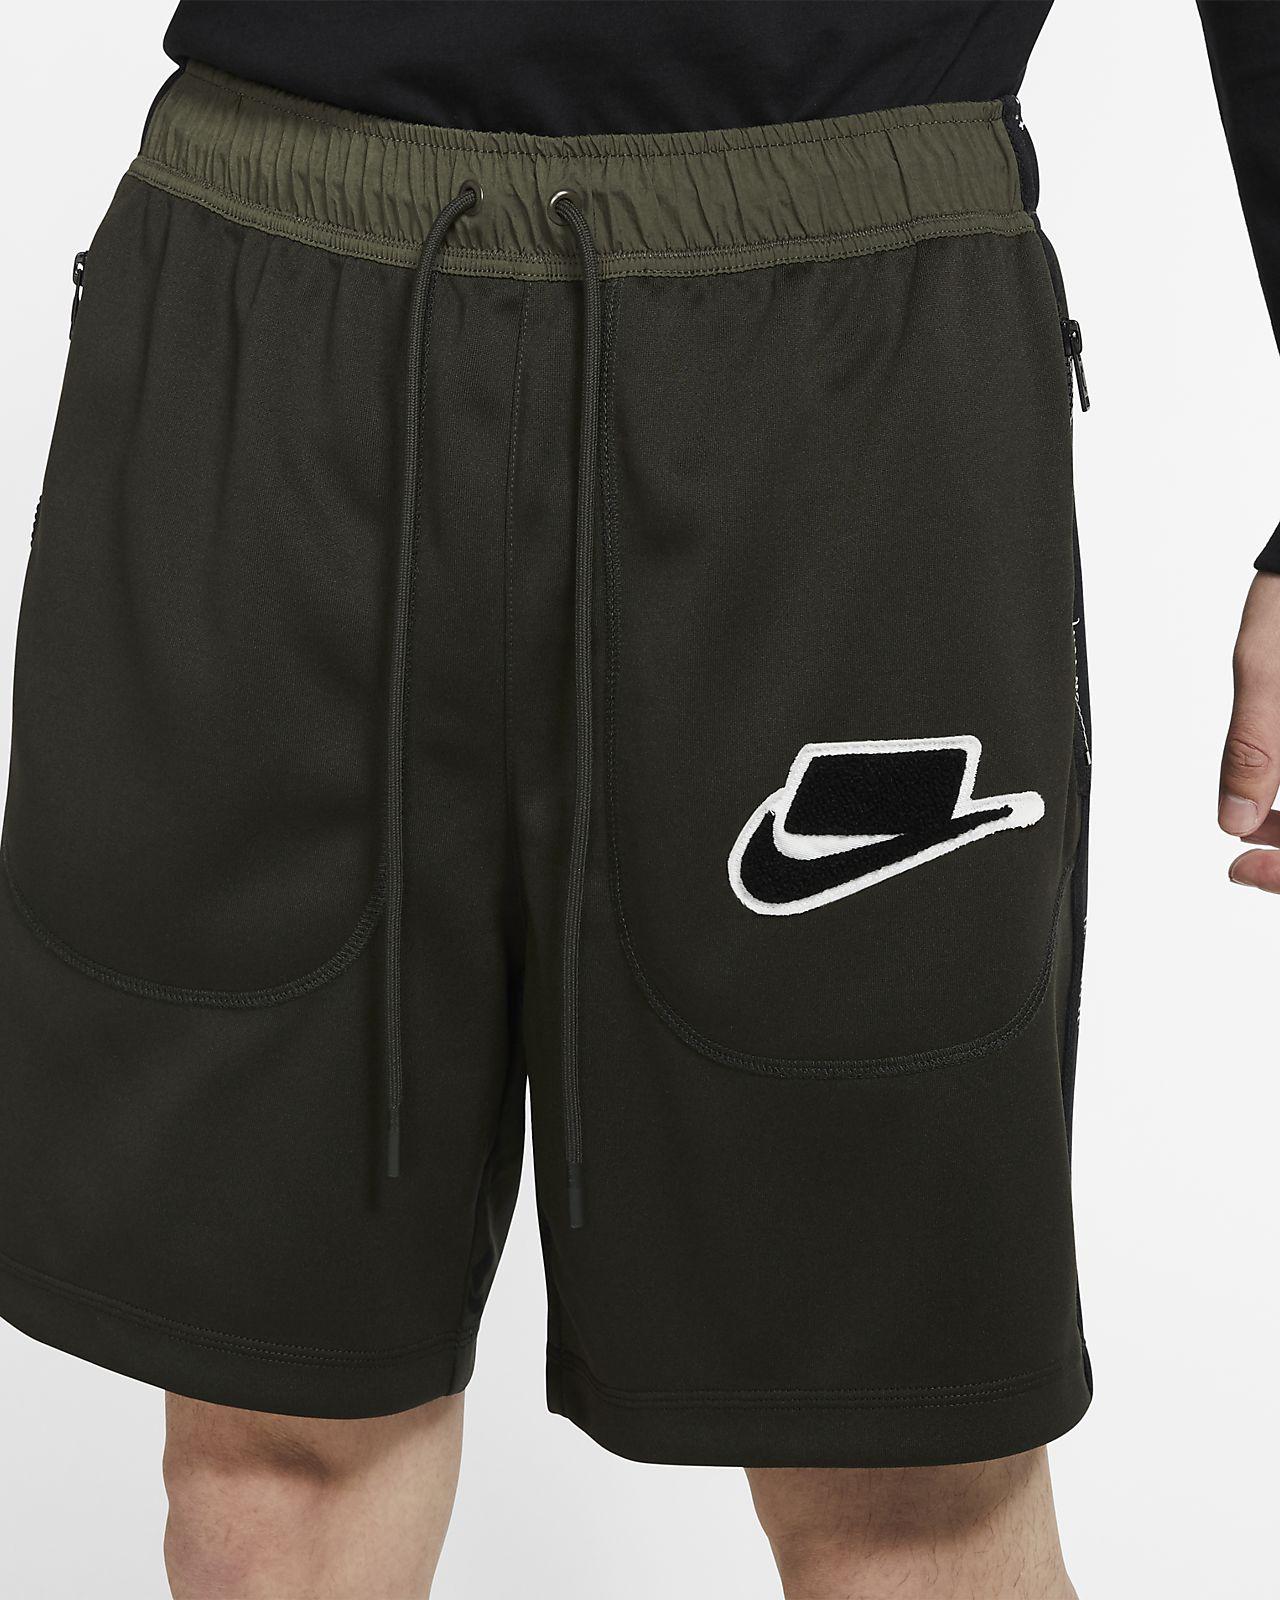 Nike Sportswear NSW Men's Shorts